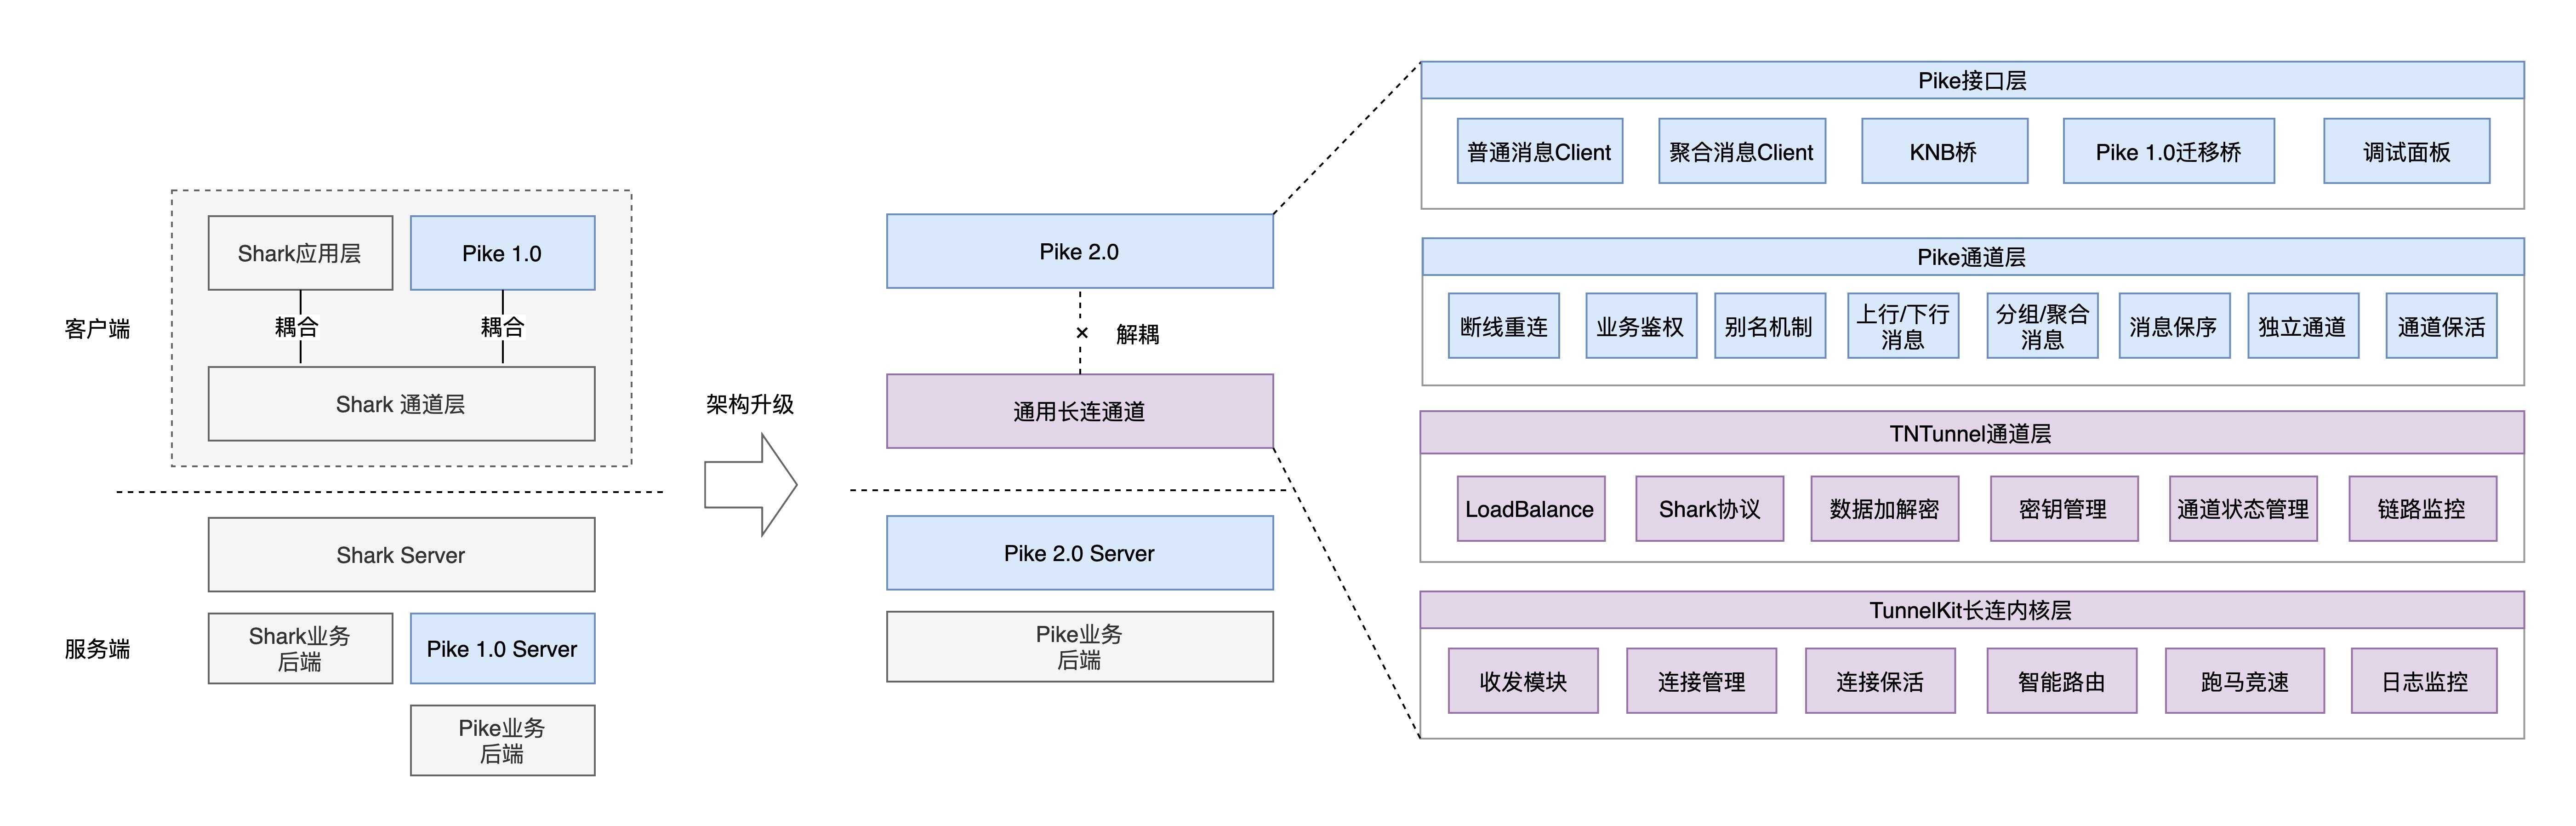 图5 客户端架构演进图